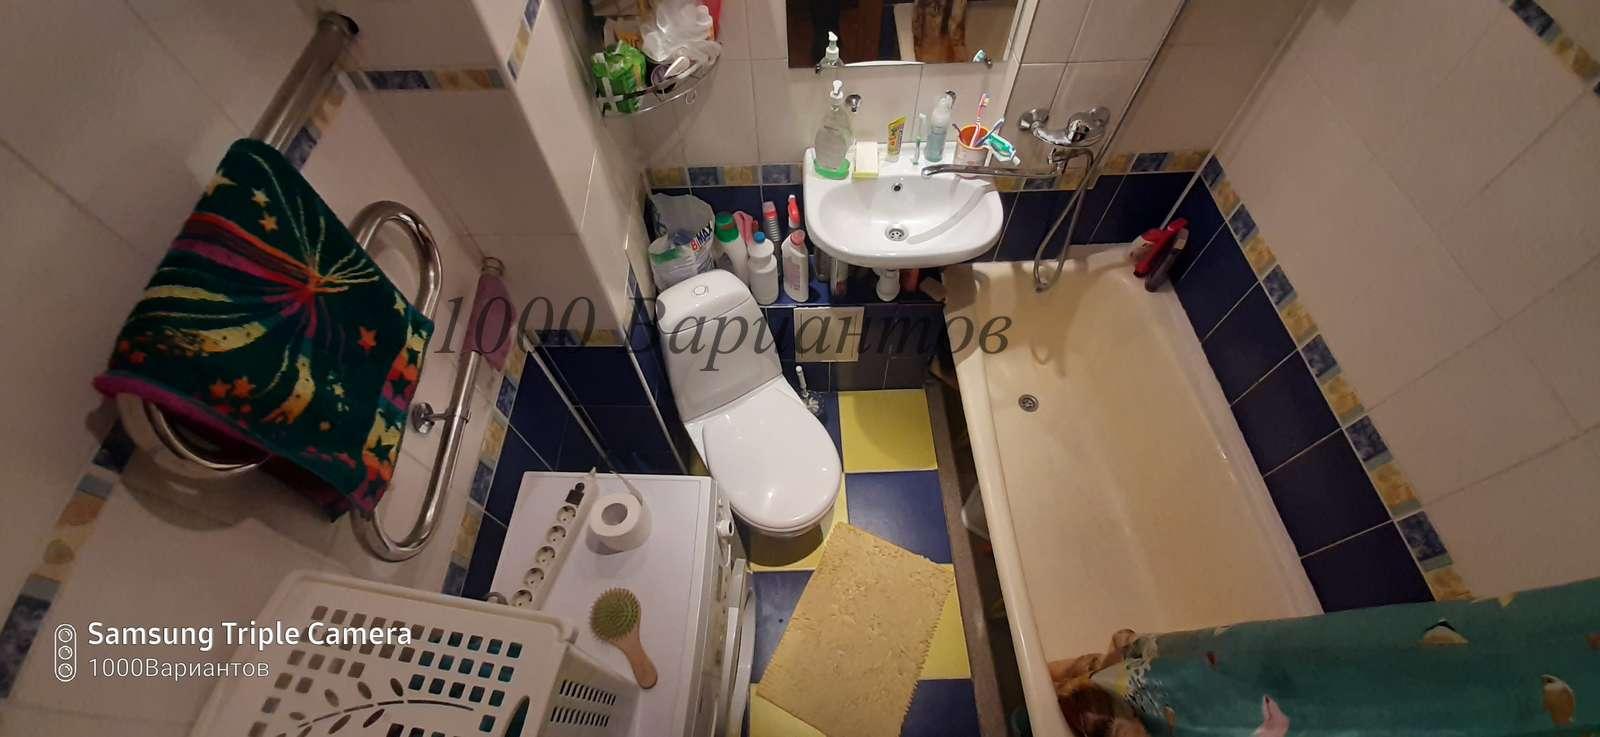 Квартира в аренду по адресу Россия, Омская область, Омск, Арнольда Нейбута улица,дом 64